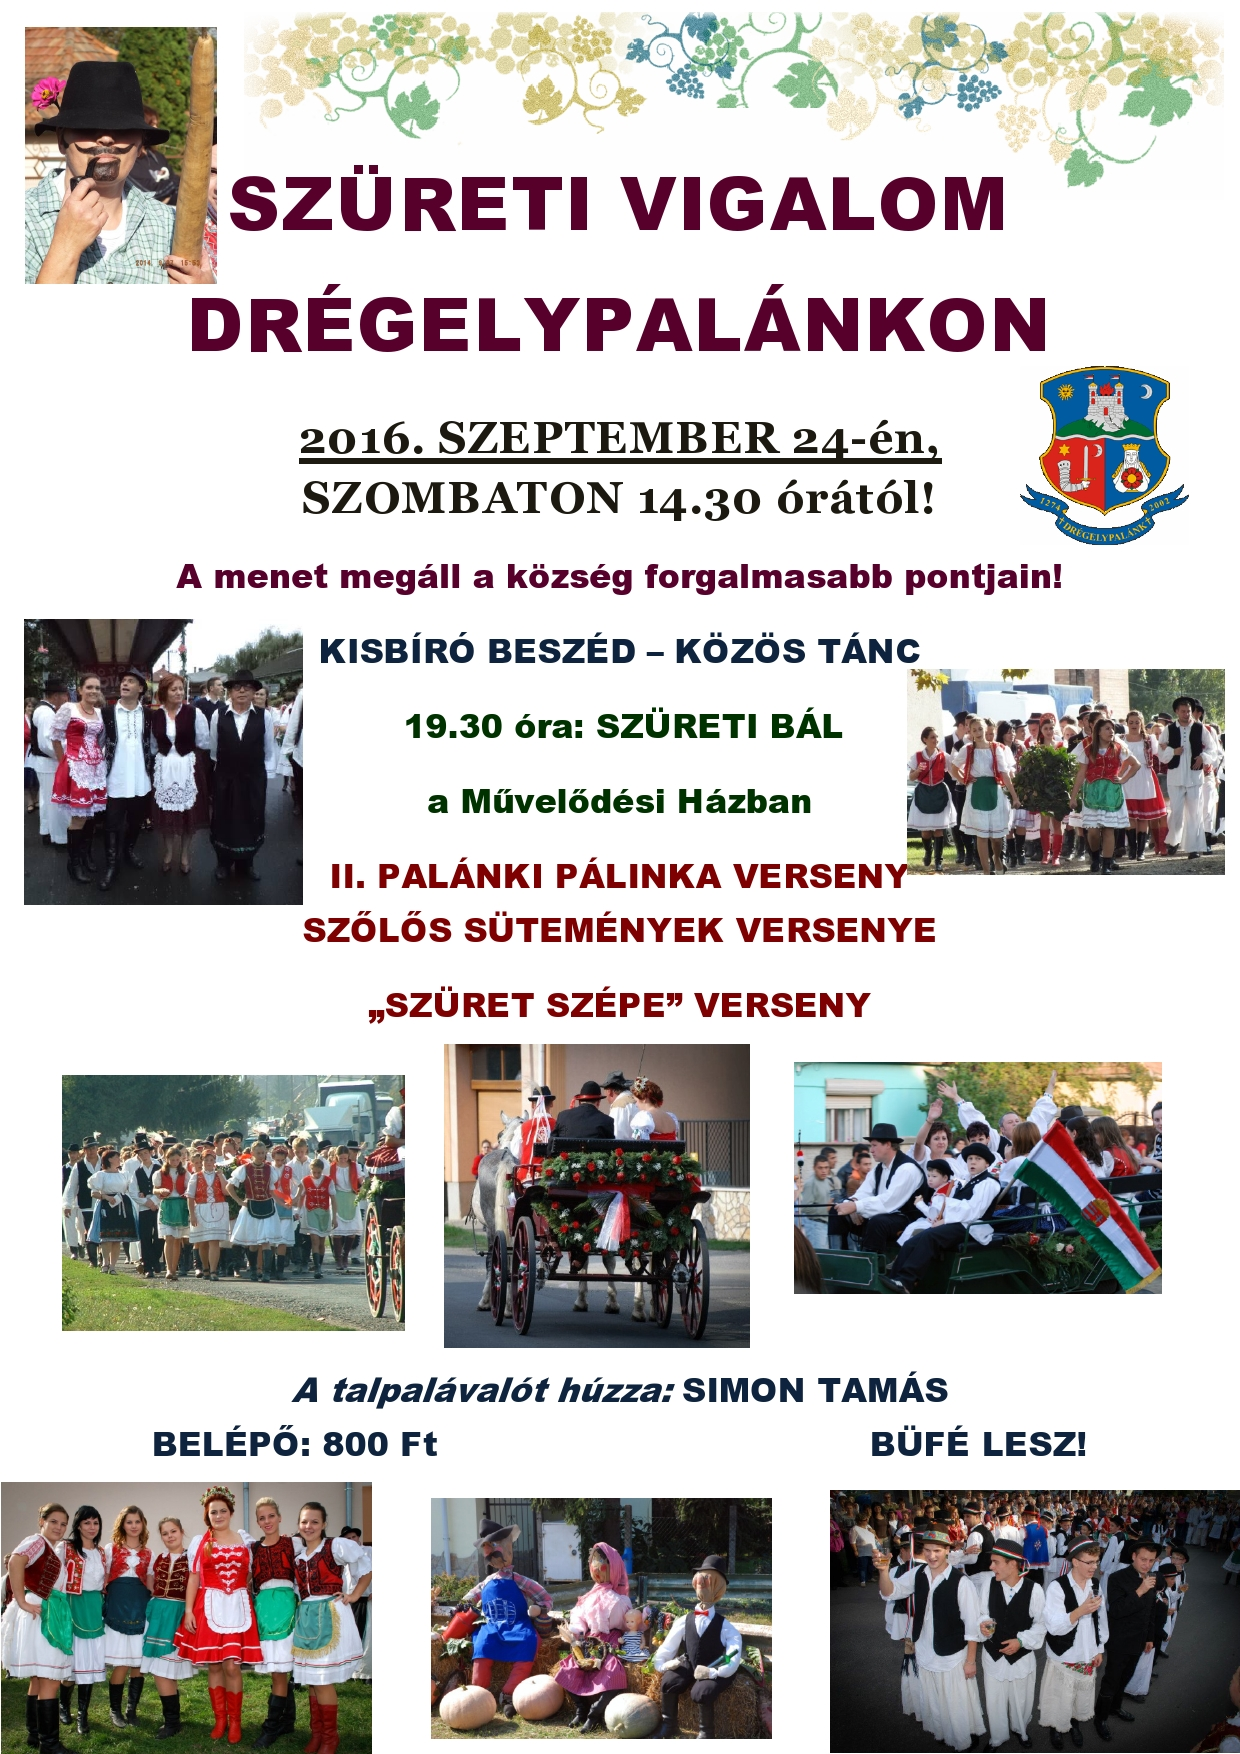 kepszureti-vigalom-dregelypalank-2016-page0001